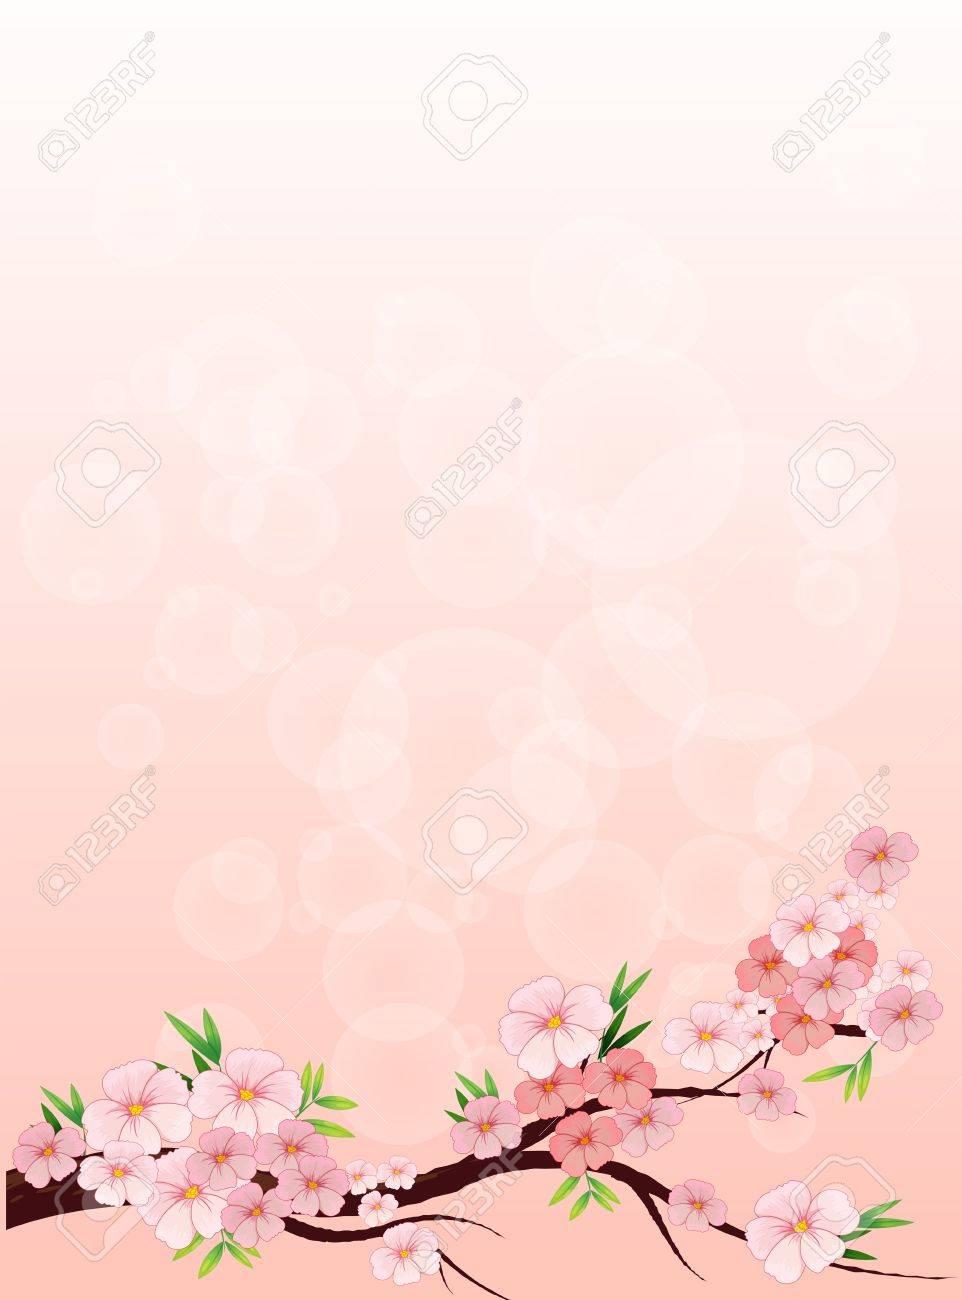 Ilustracion De Un Papel Floreado Disenado Ilustraciones